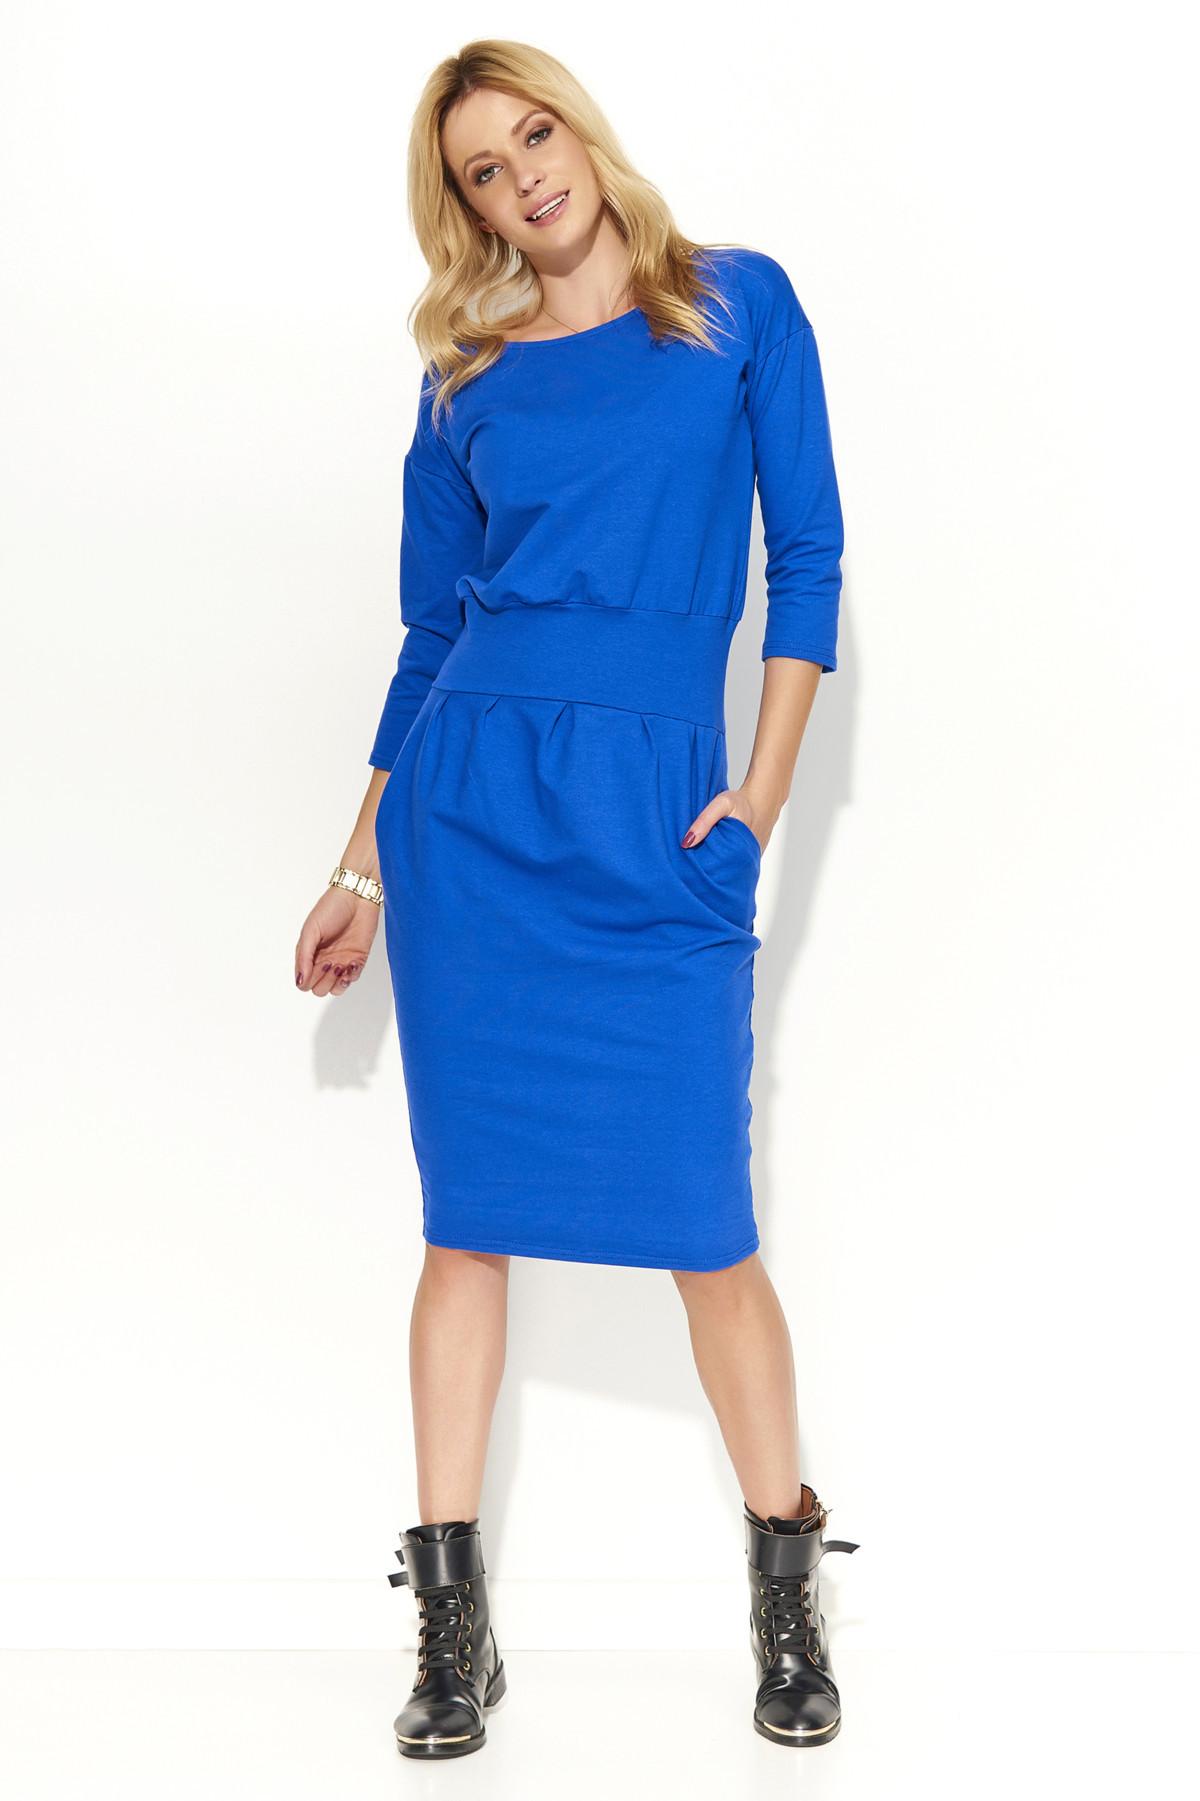 Dámske šaty s voľným strihom stredne dlhé modré - Modrá - Makadamové modrá 42